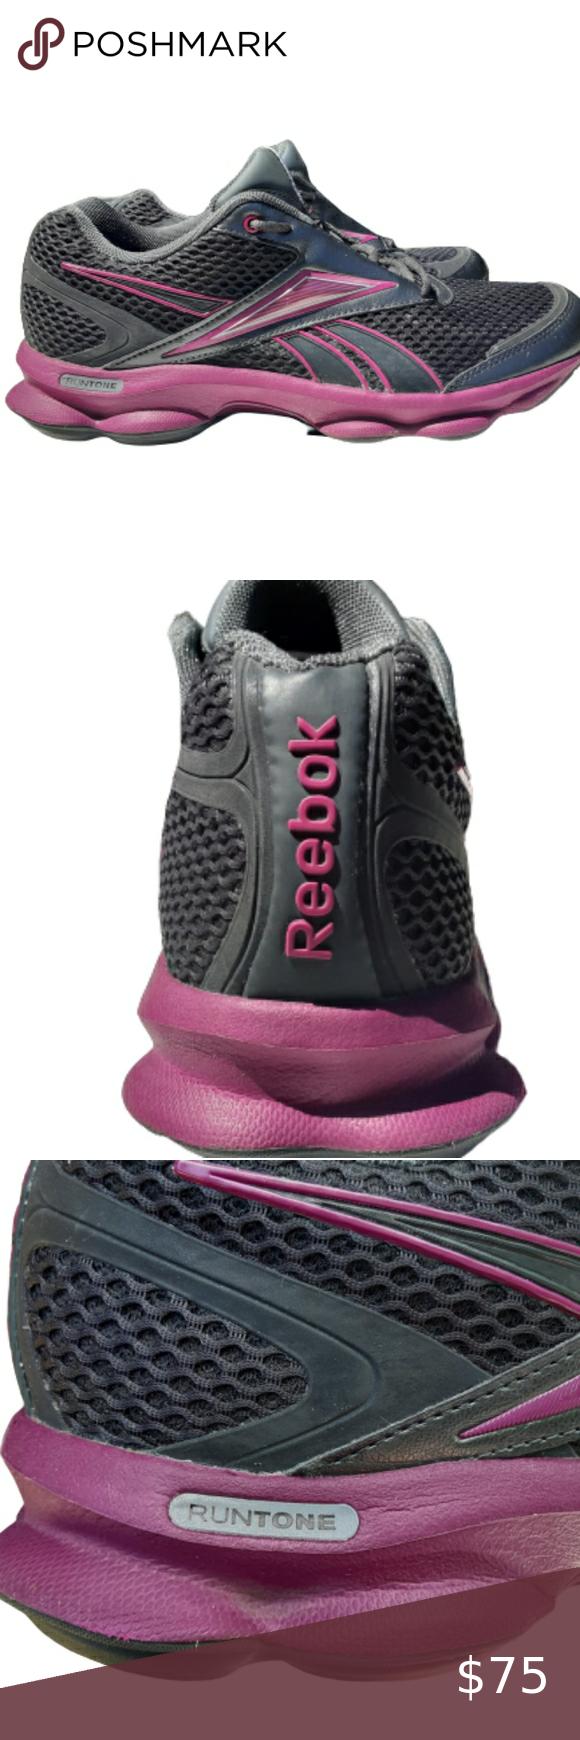 Womens Reebok RUNTONE running shoes